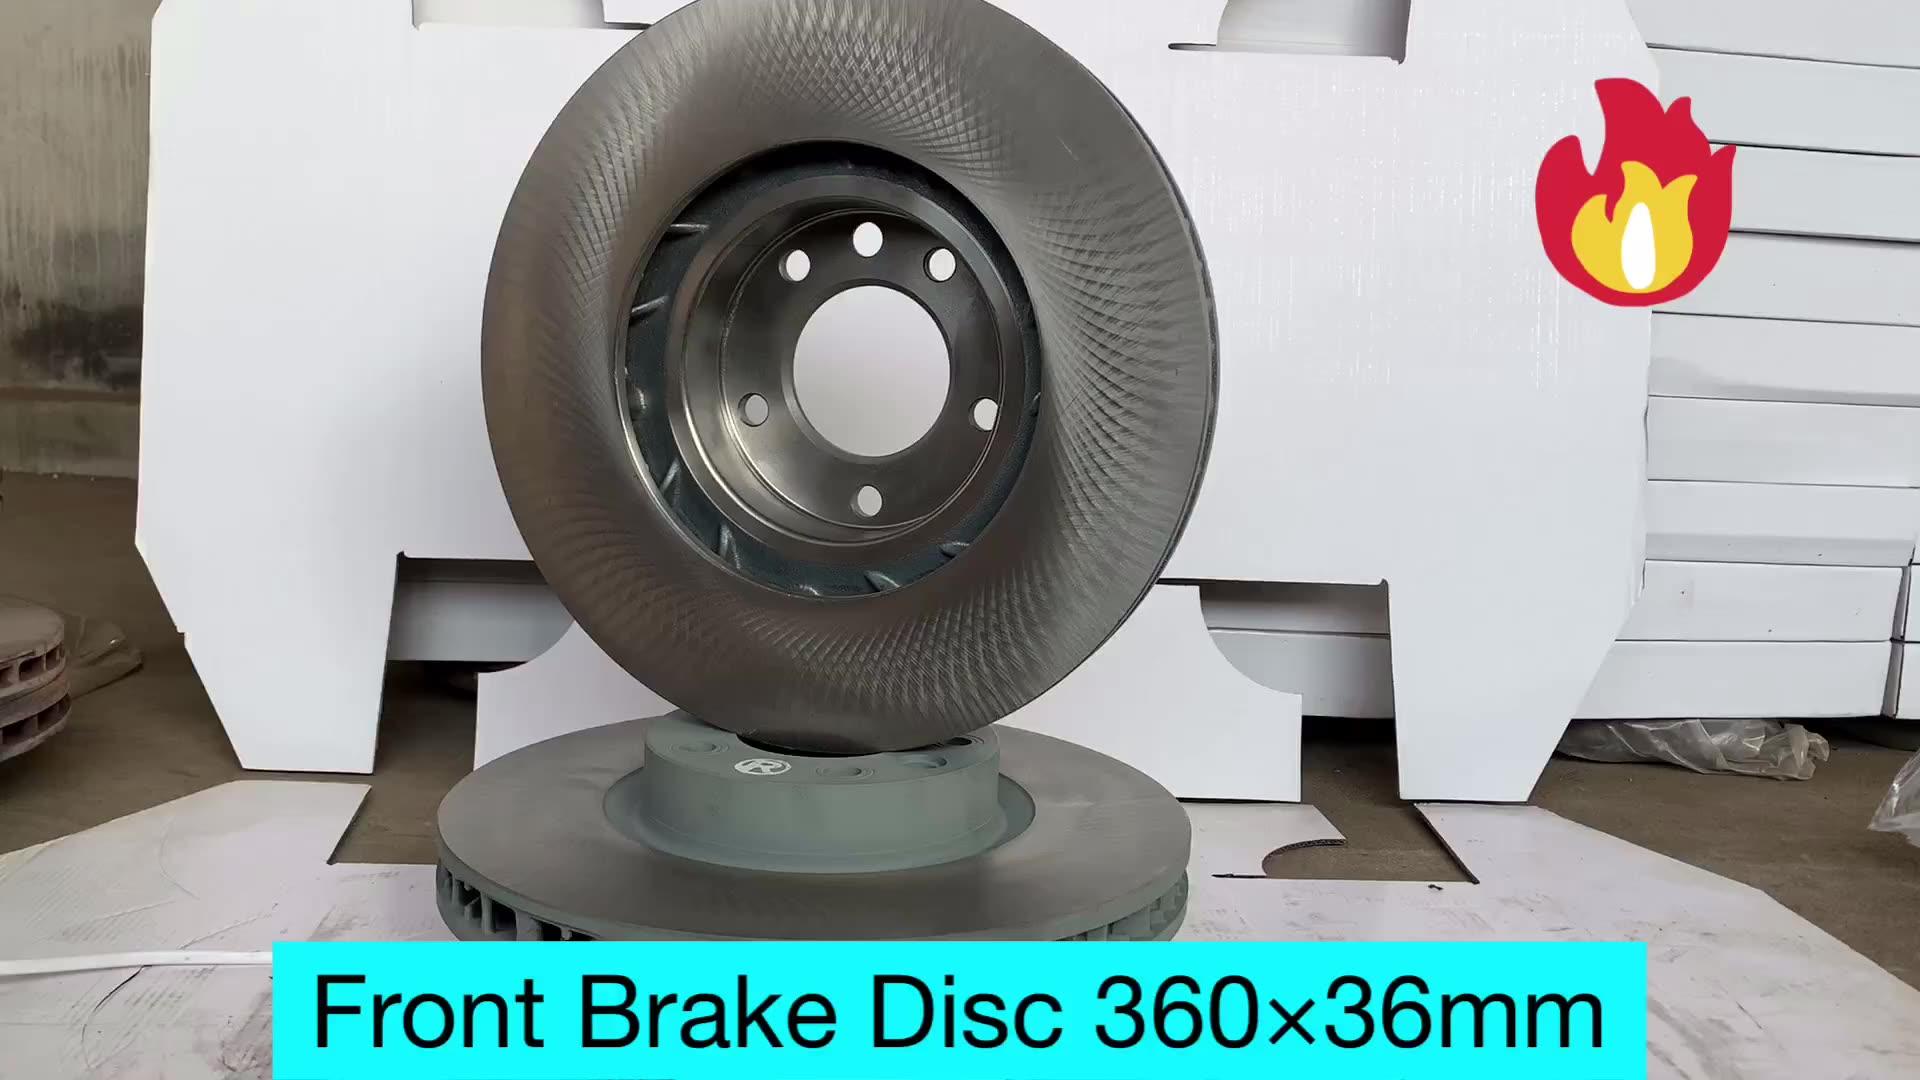 95835140401New Echt Voorrem Rotor Disc Links Oe 95835140301 Voor Porsche Cayenne 2011 - 2016 Kit